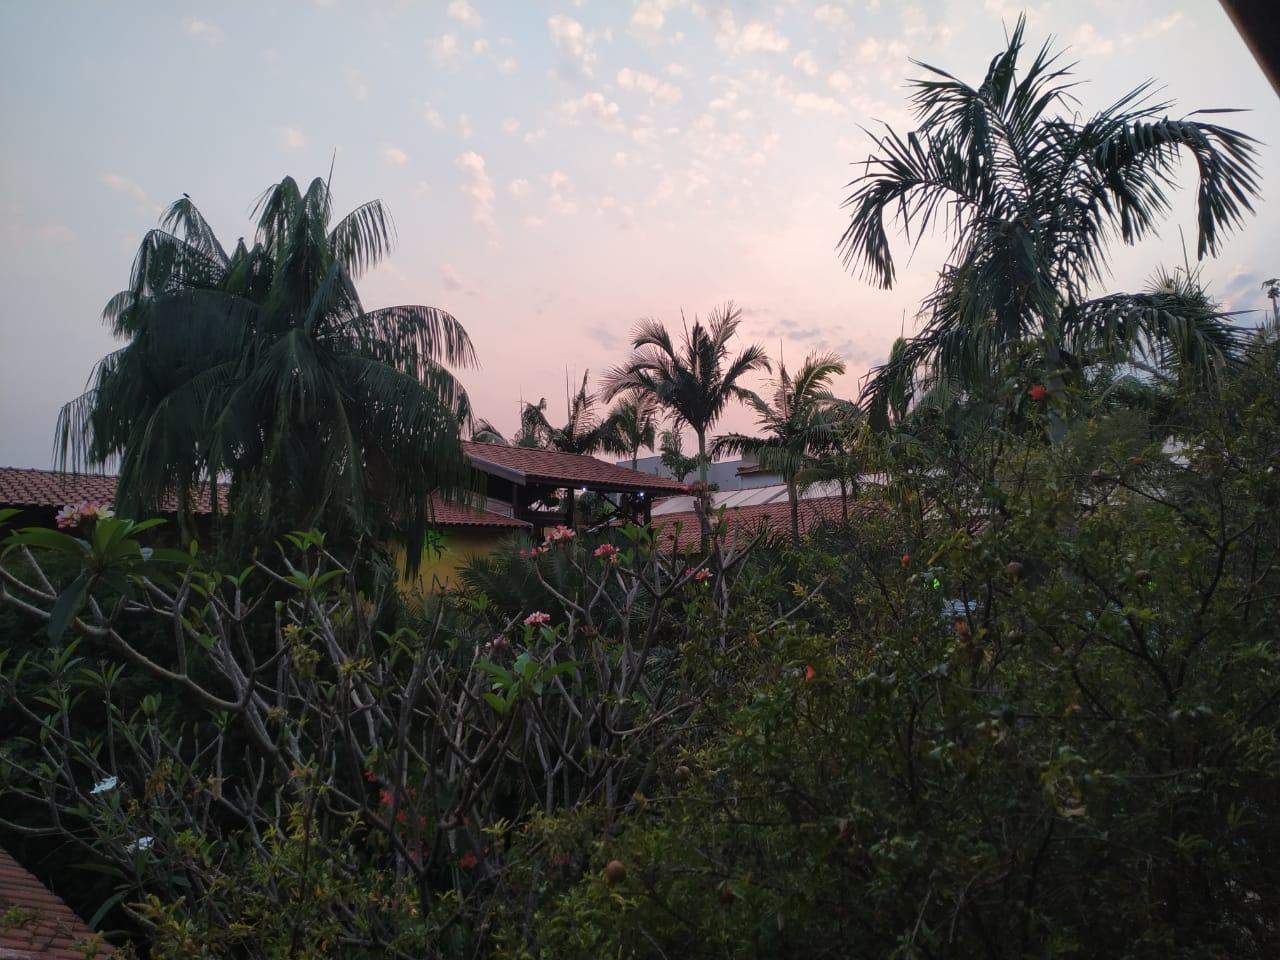 Pousada ao pôr-do-sol com árvores é opção para turismo rural